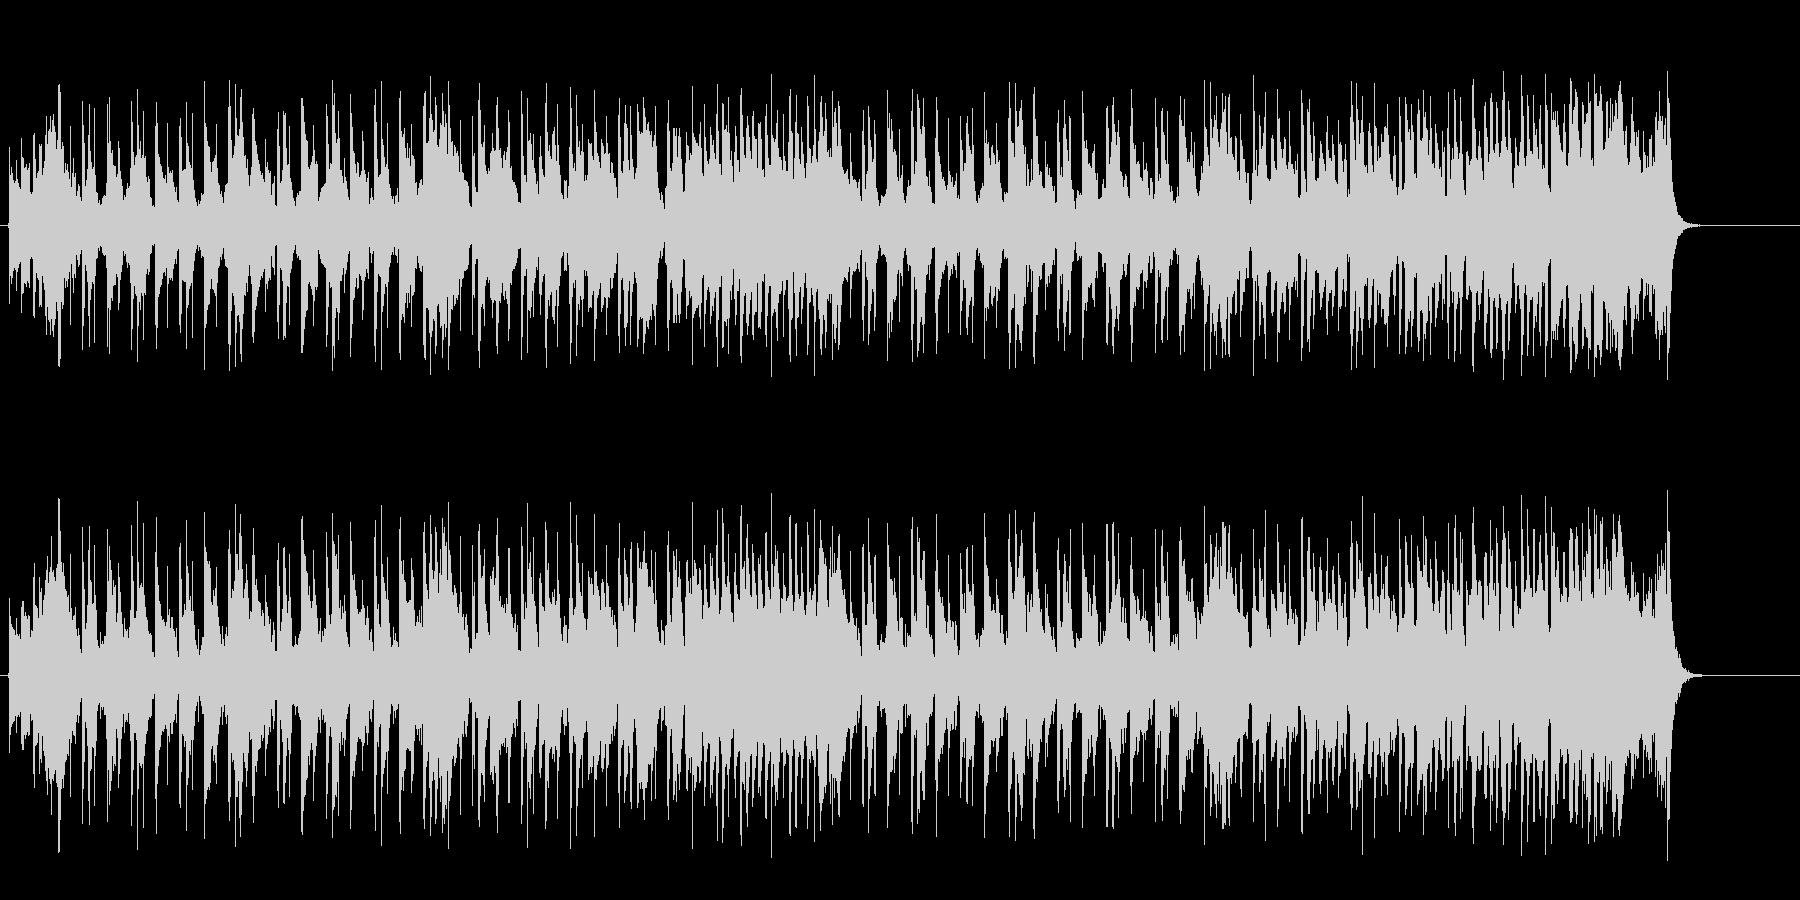 気怠くコミカルなポップ・フュージョンの未再生の波形